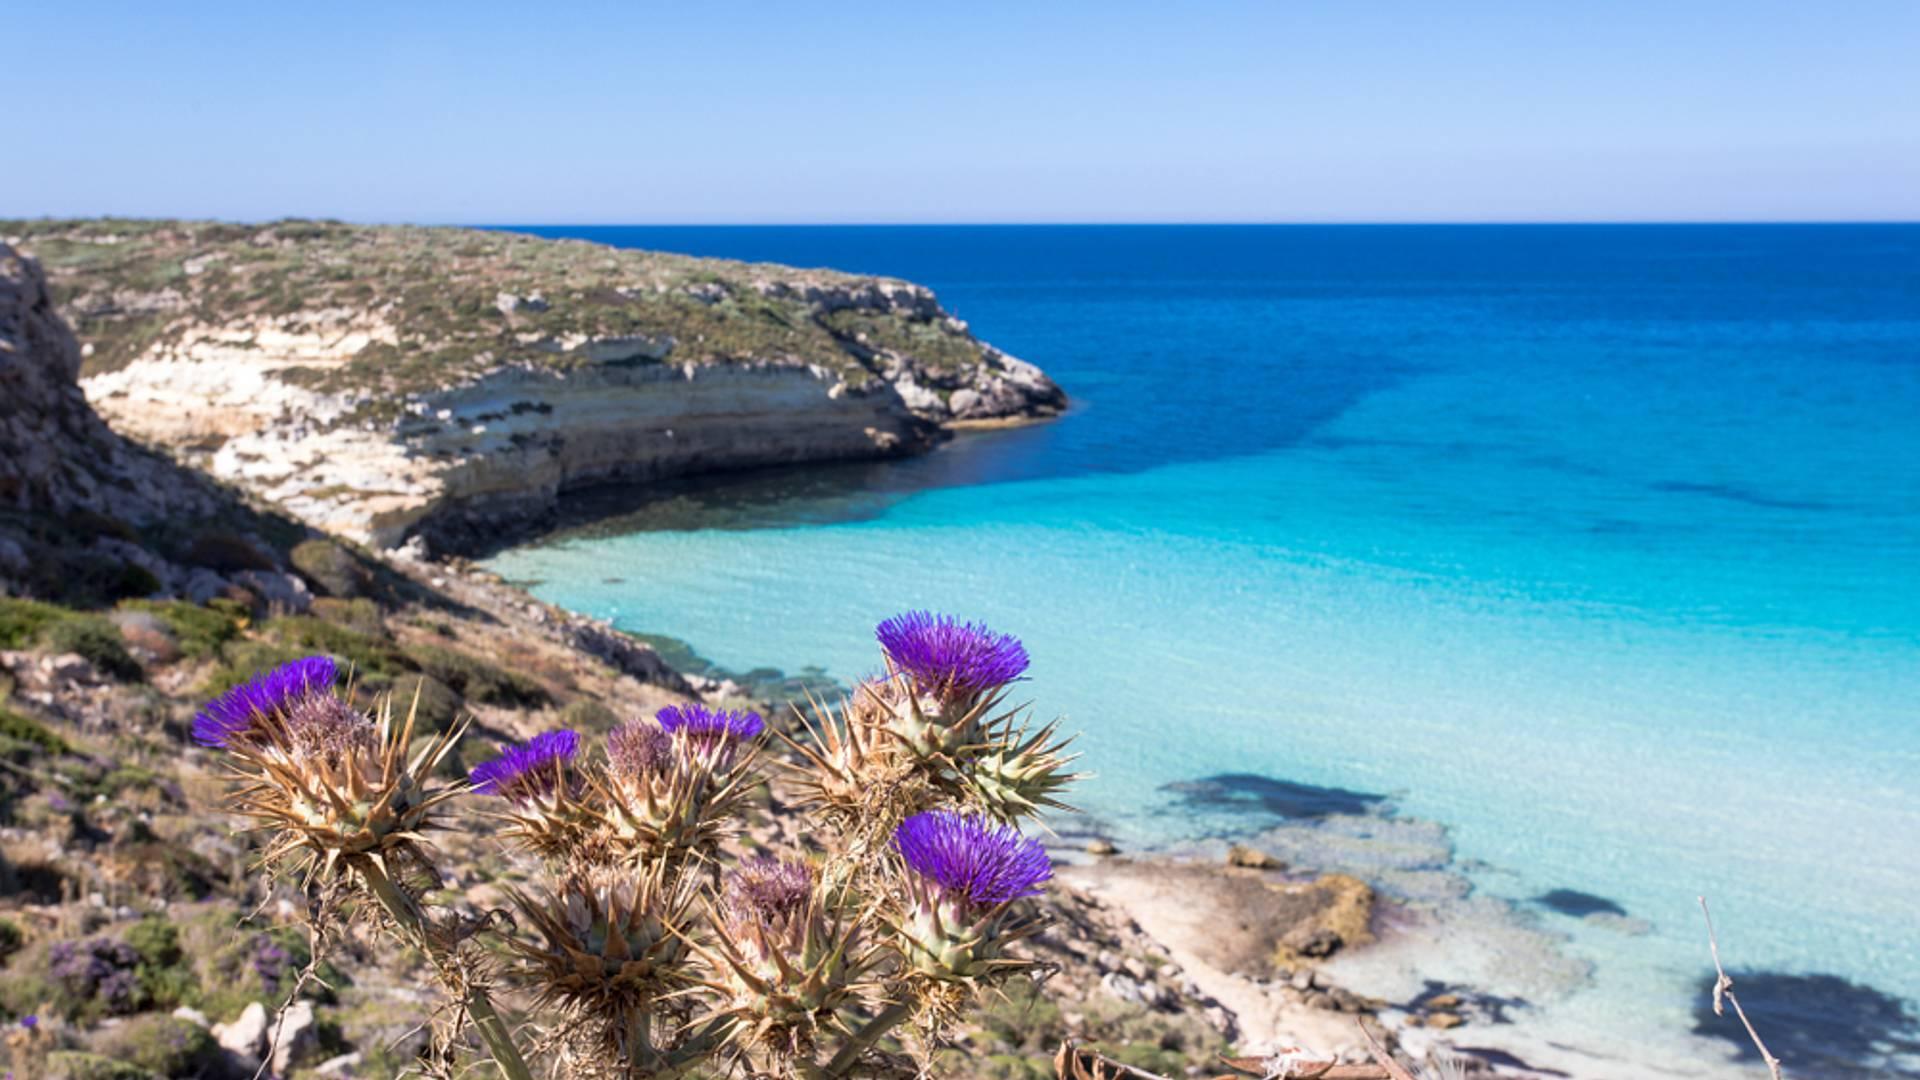 Mare, sole e relax nell'isola di Lampedusa